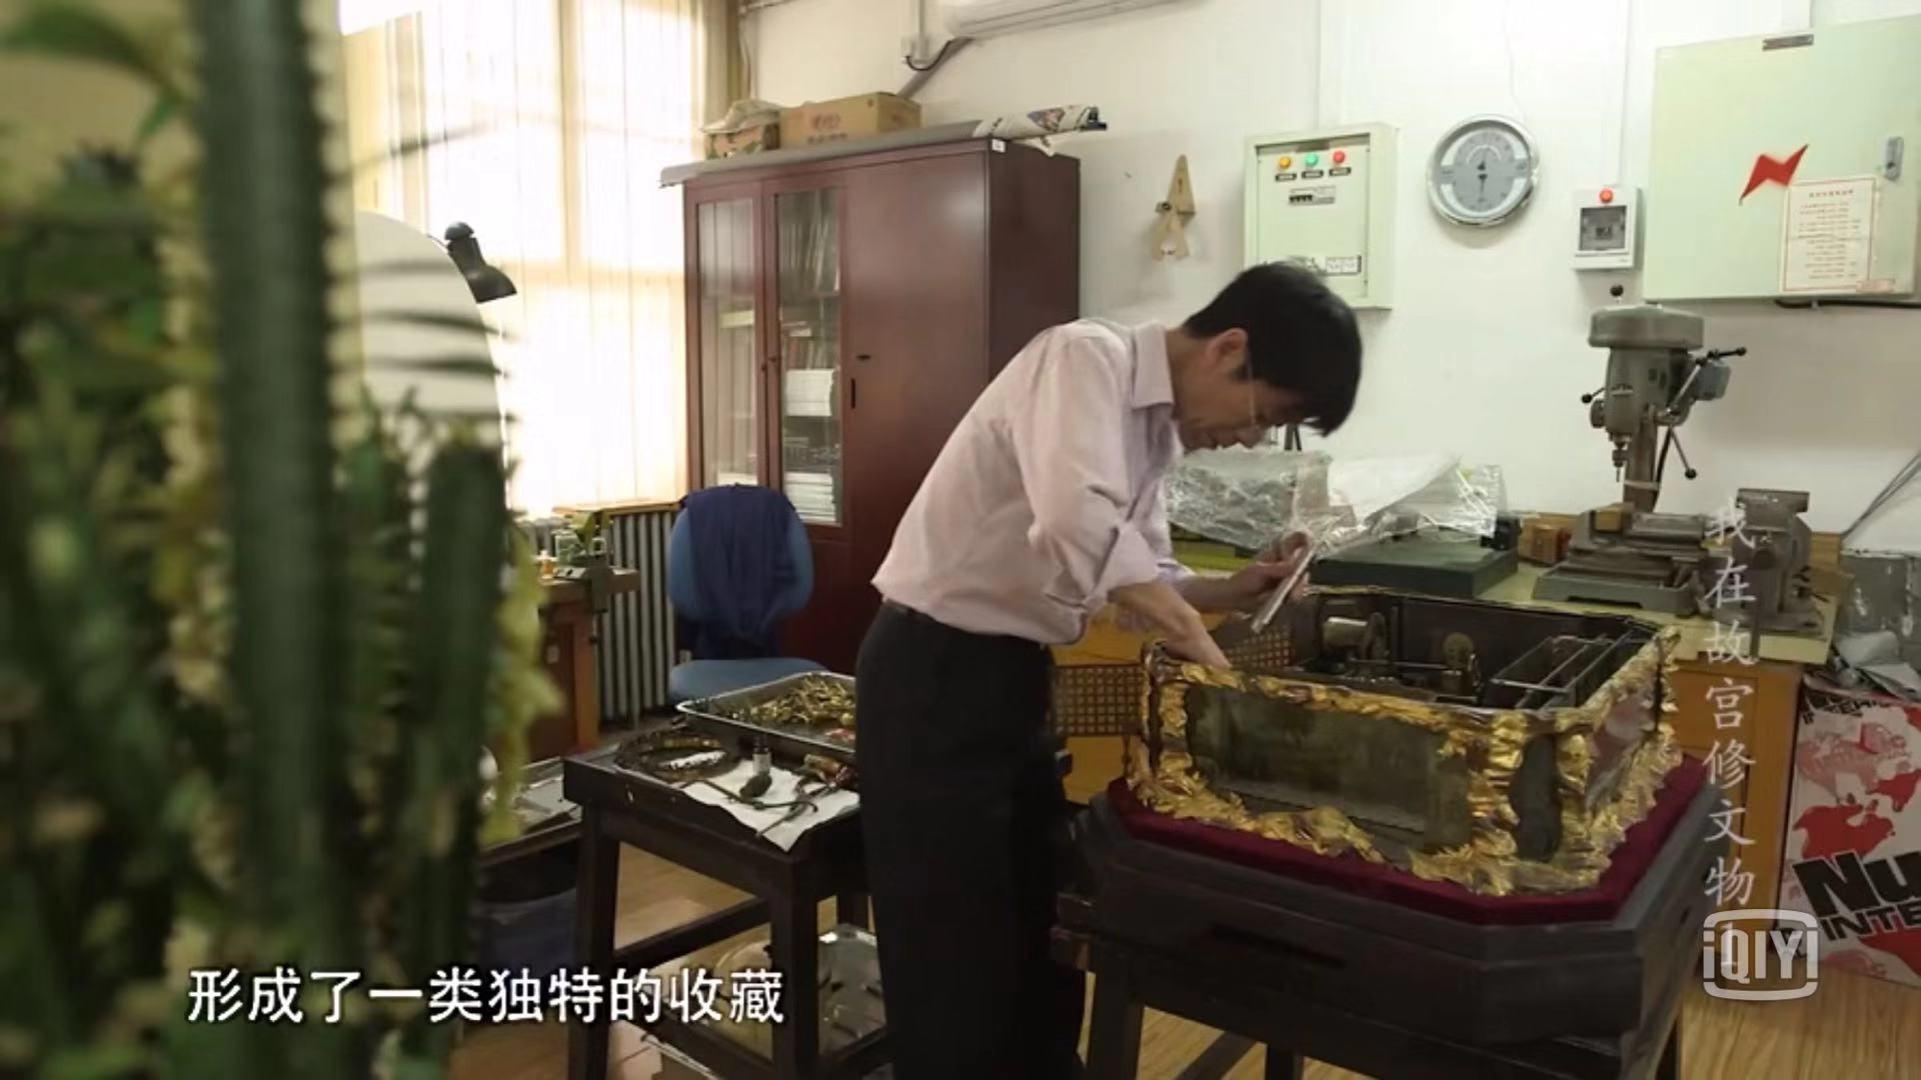 《我在故宫修文物》中王津修理钟表的片段